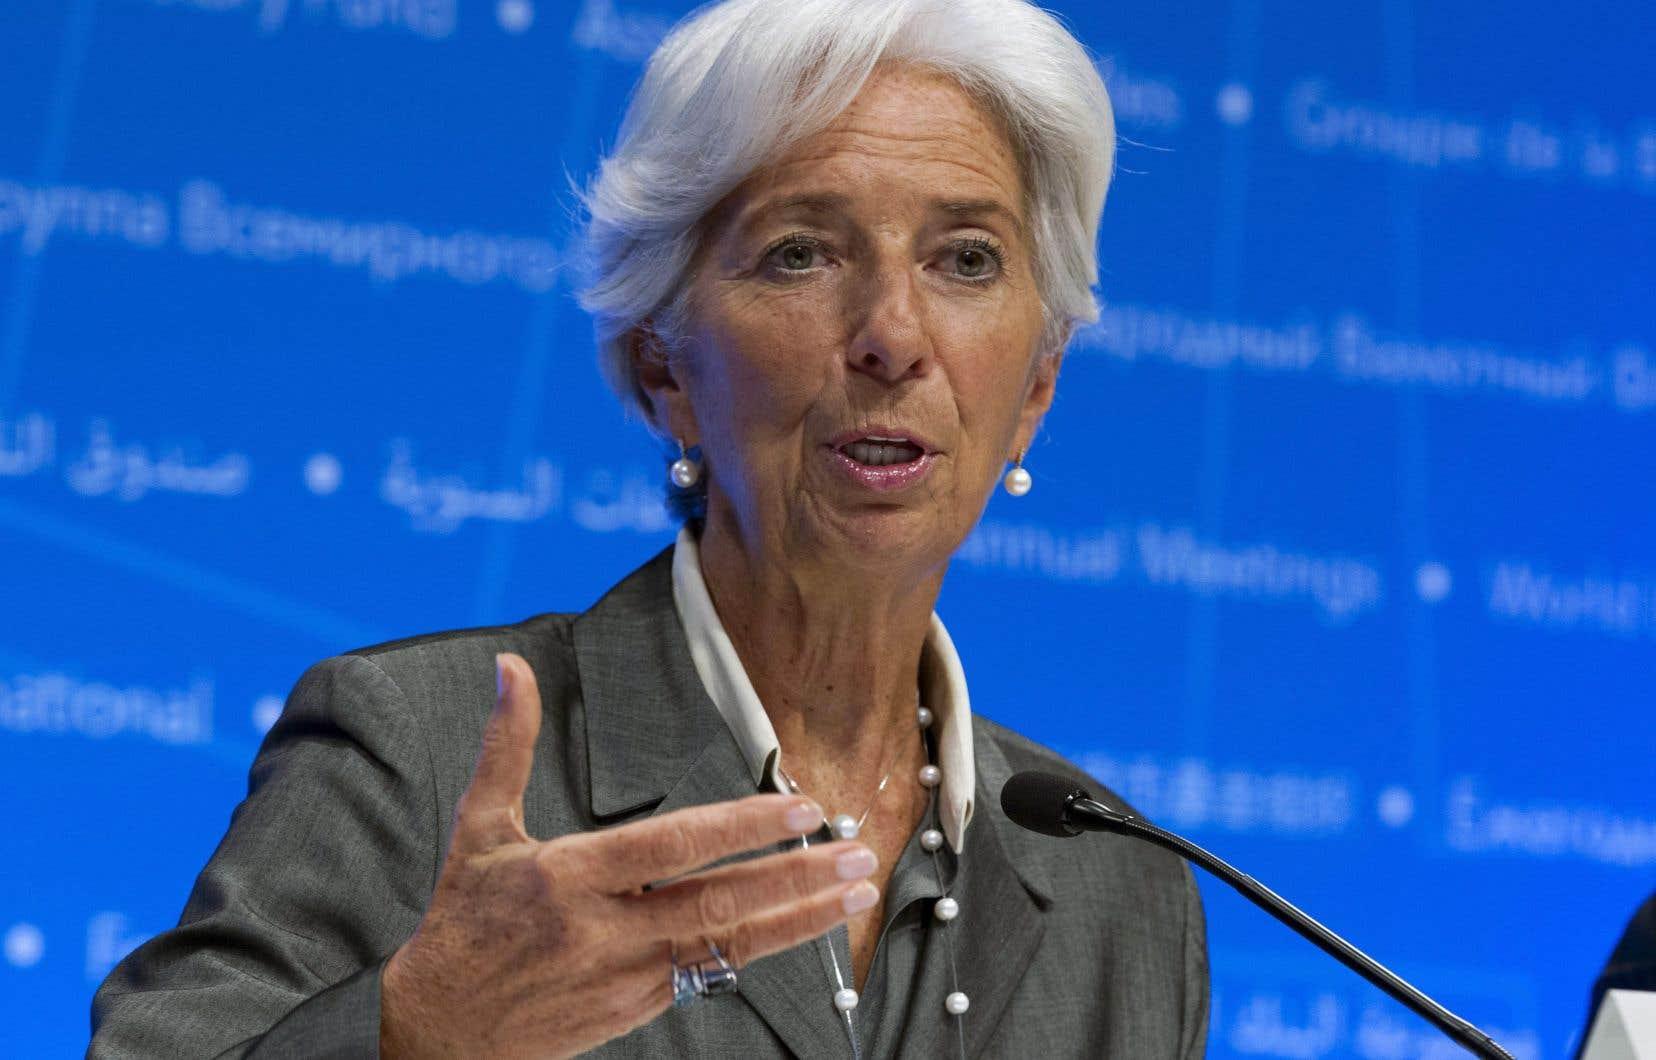 «D'une certaine manière [M. Trump] a quelques bonnes raisons de protester contre la situation actuelle», a reconnu la directrice générale du Fonds monétaire international, Christine Lagarde.